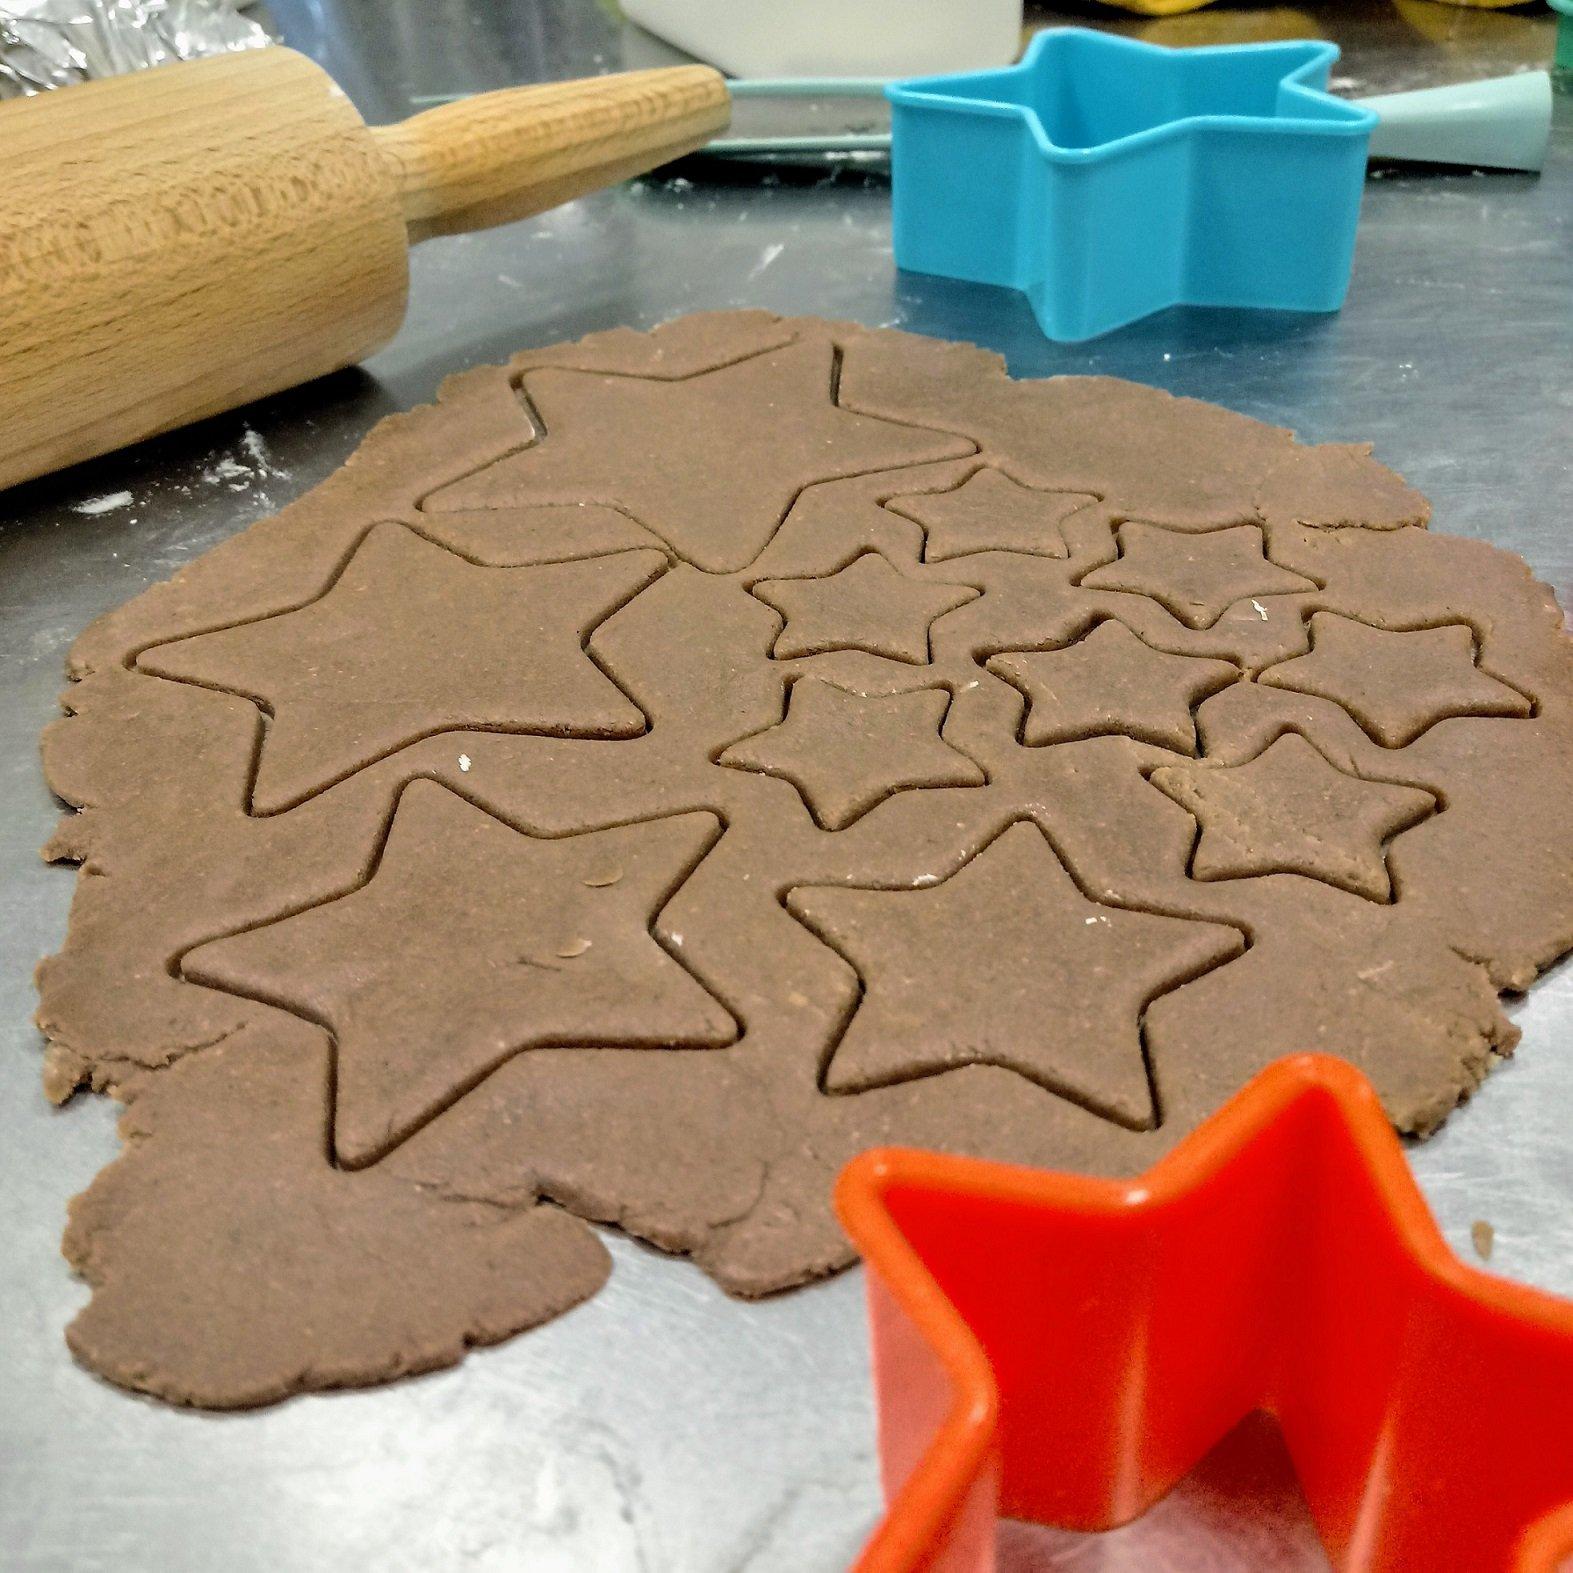 Wypieki pachnące korzennymi przyprawami - warsztaty kulinarne dla dzieci